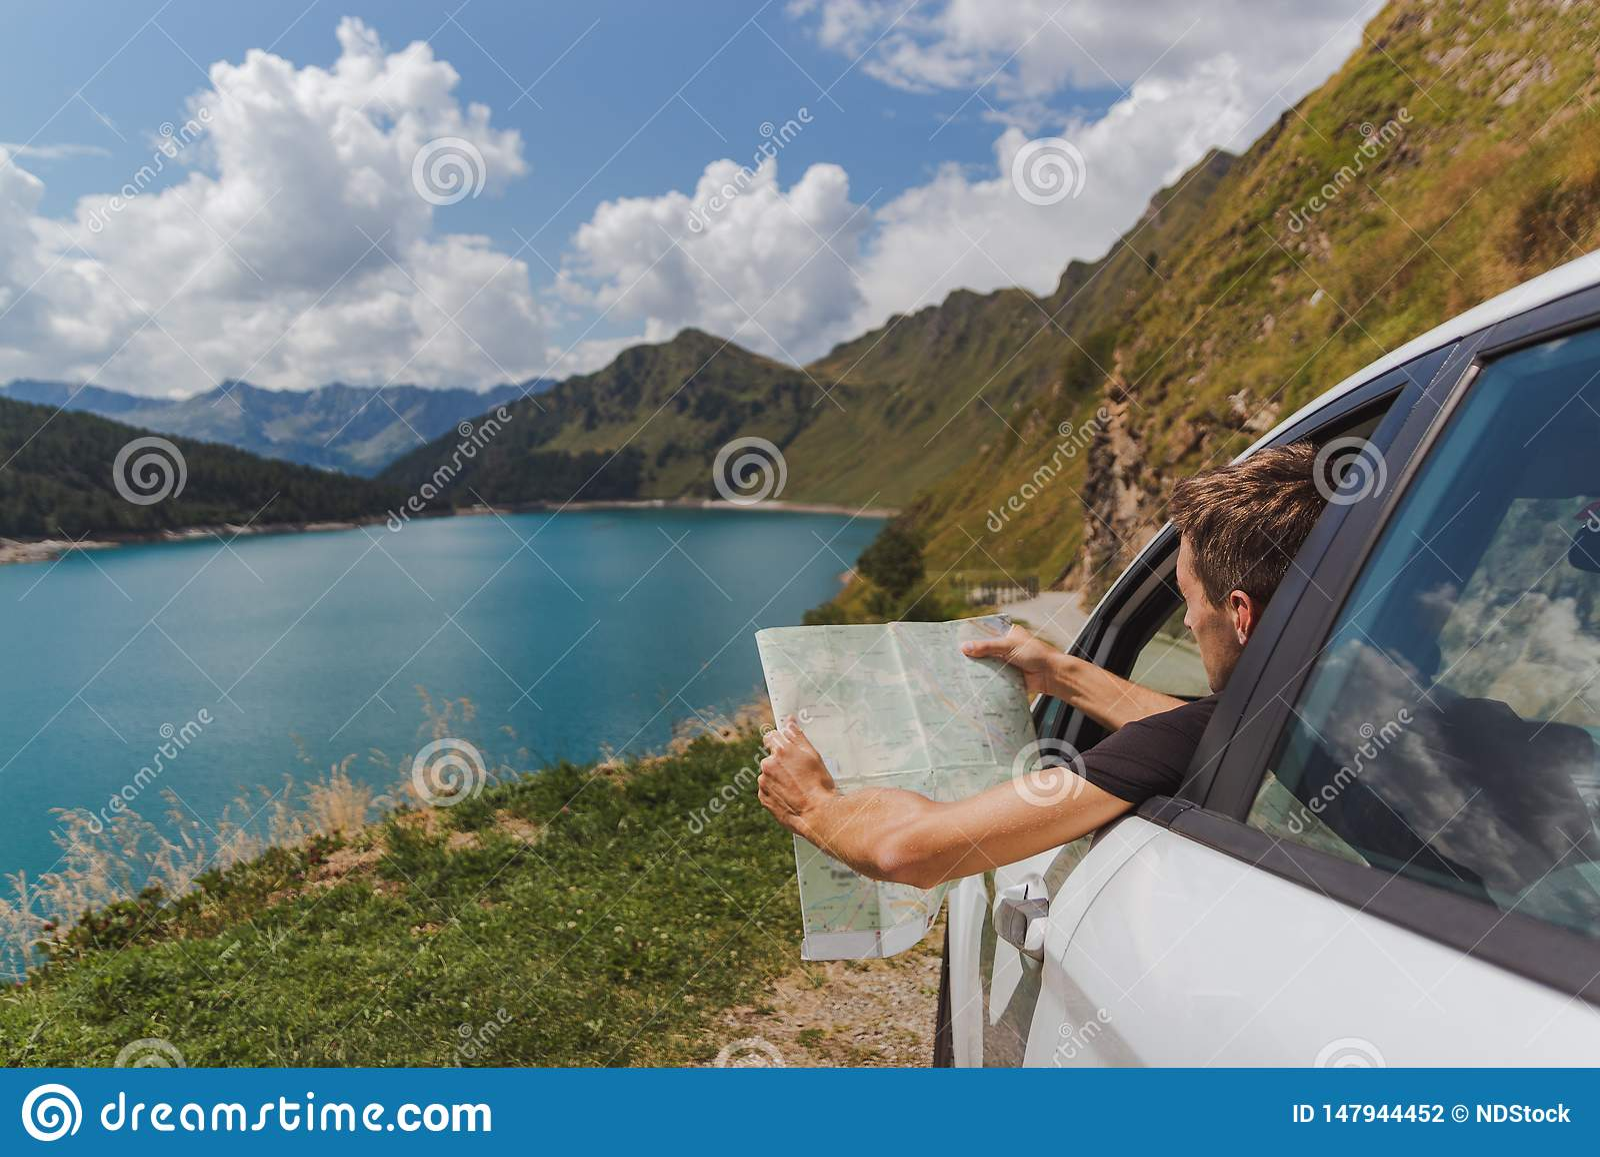 Le jeune homme a perdu dans les montagnes avec sa voiture regardant la carte pour trouver la route droite